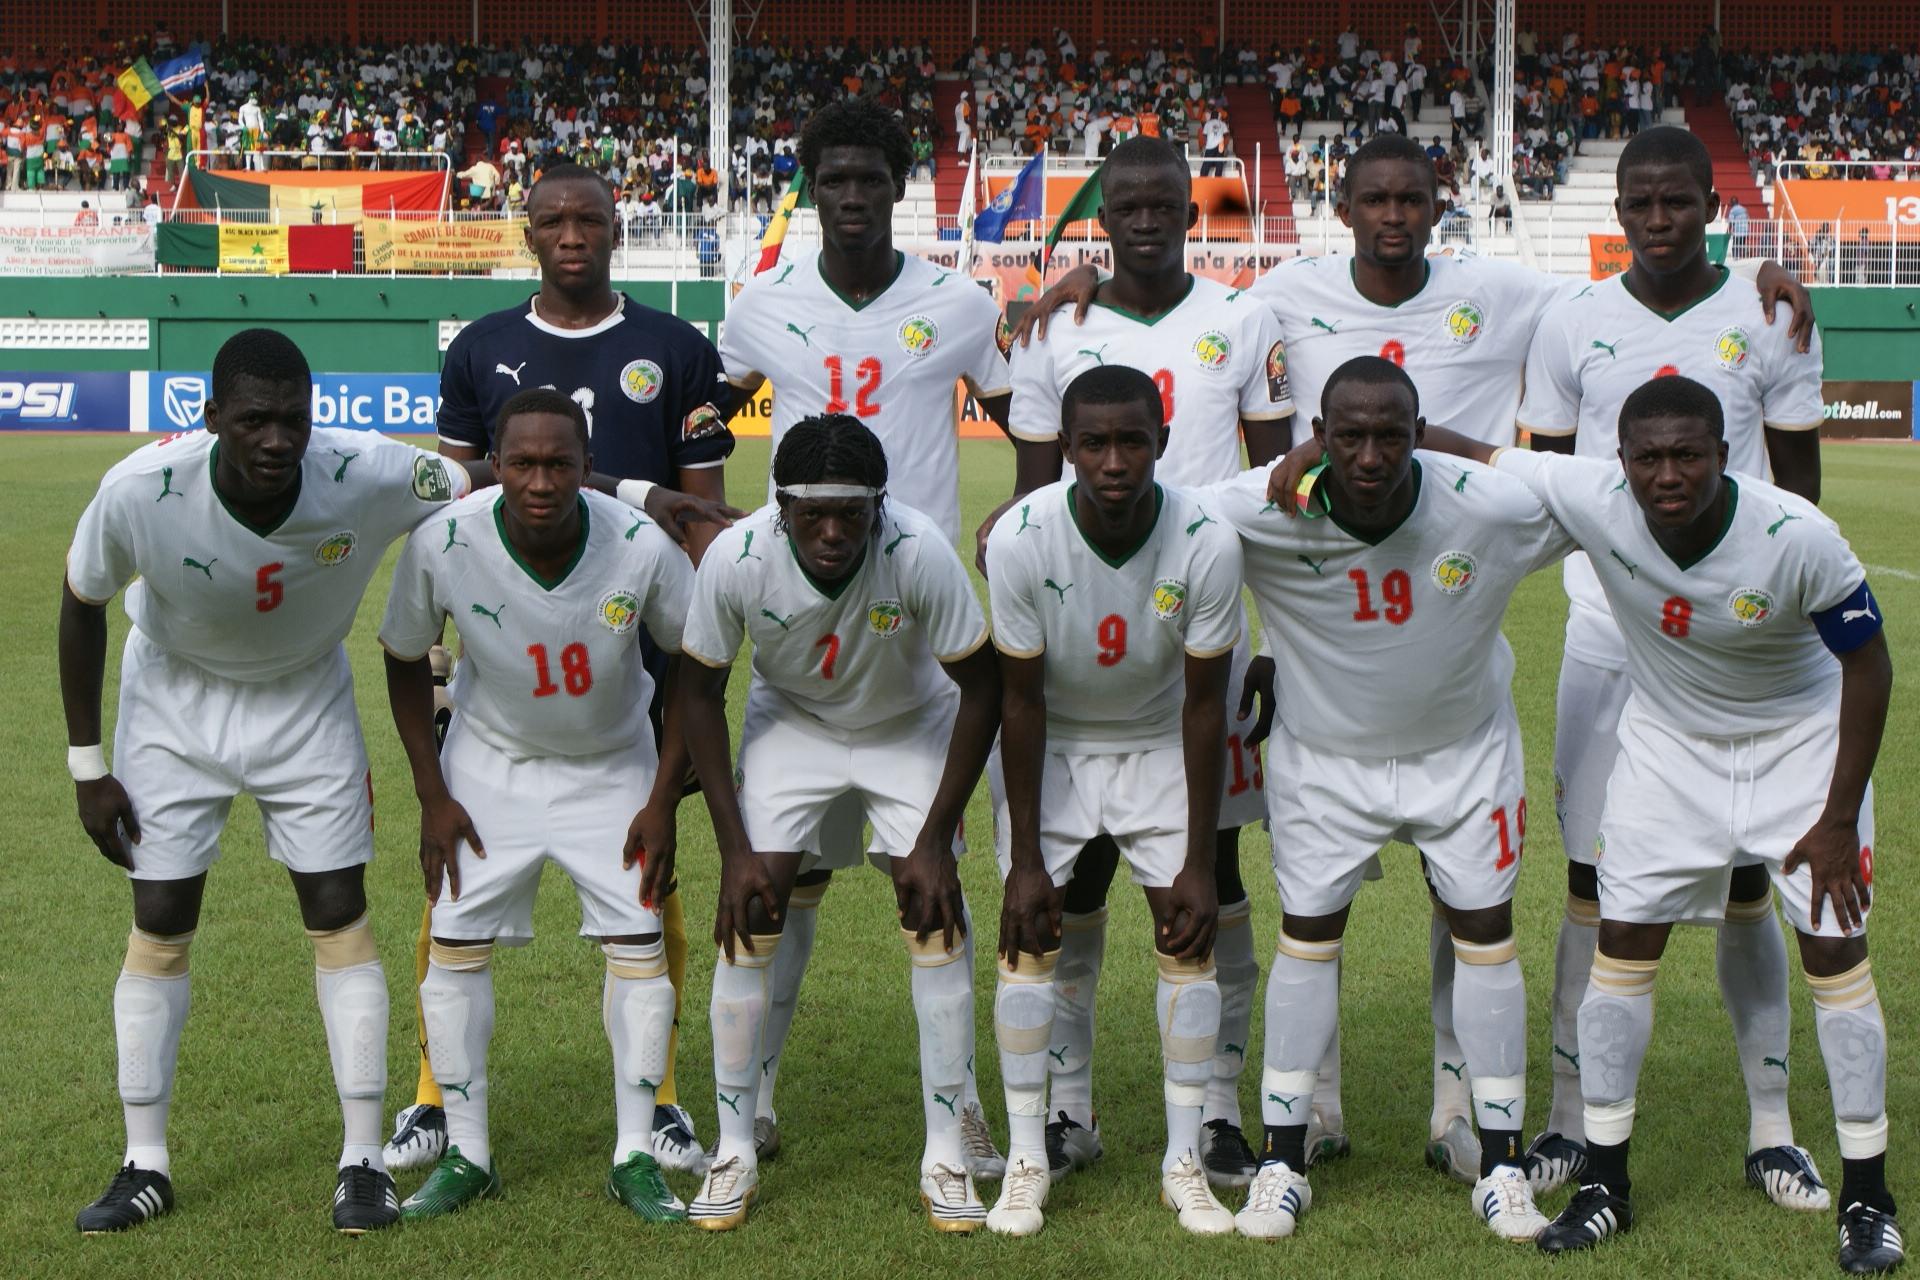 Jeux Africains/Football : Le Sénégal qualifié pour la finale